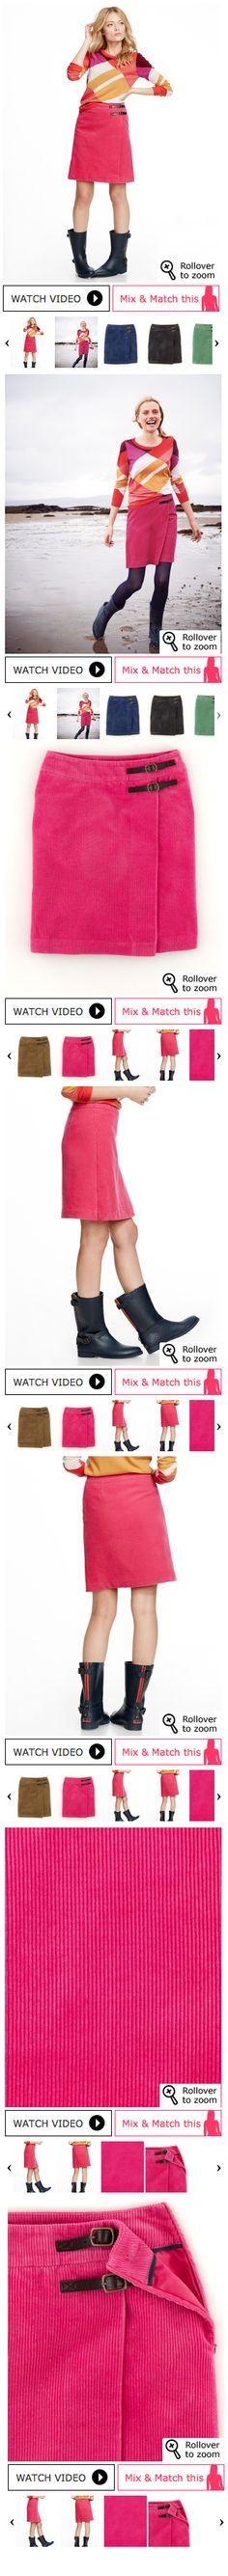 Boden - Women - Dresses - model studio, model lifestyle, laydowns